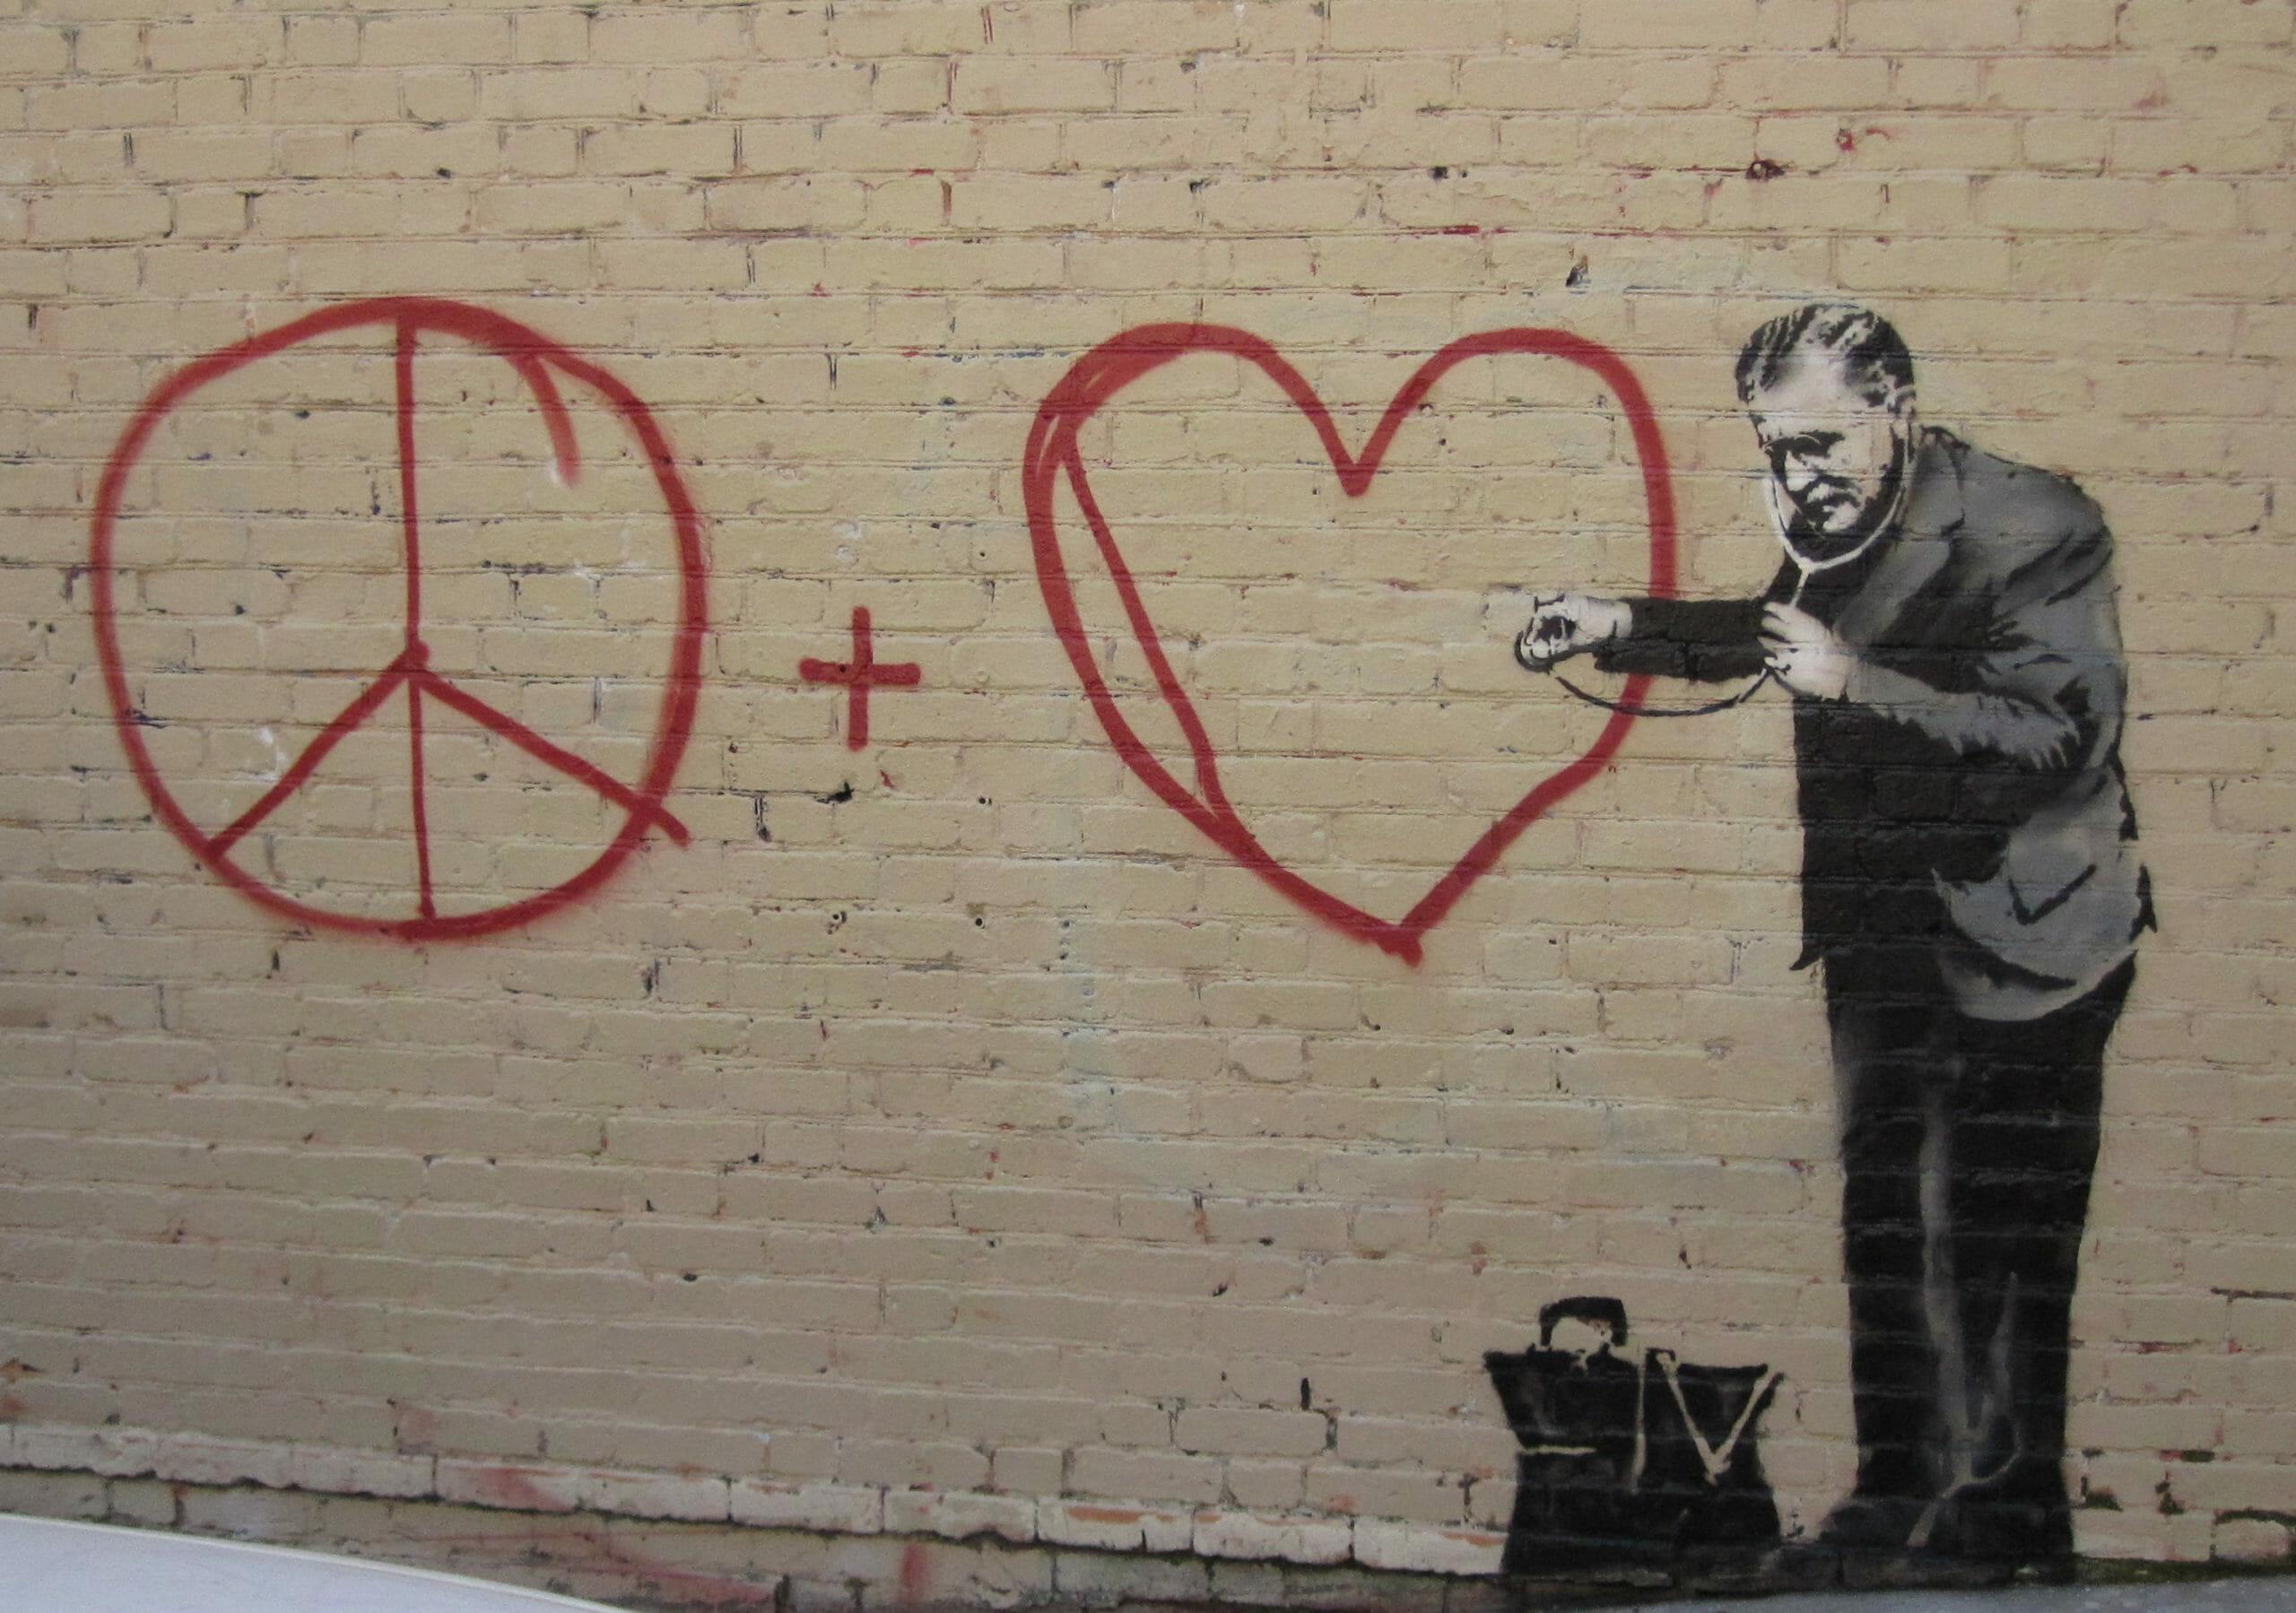 Hvordan går det med at udbrede fred i verden?